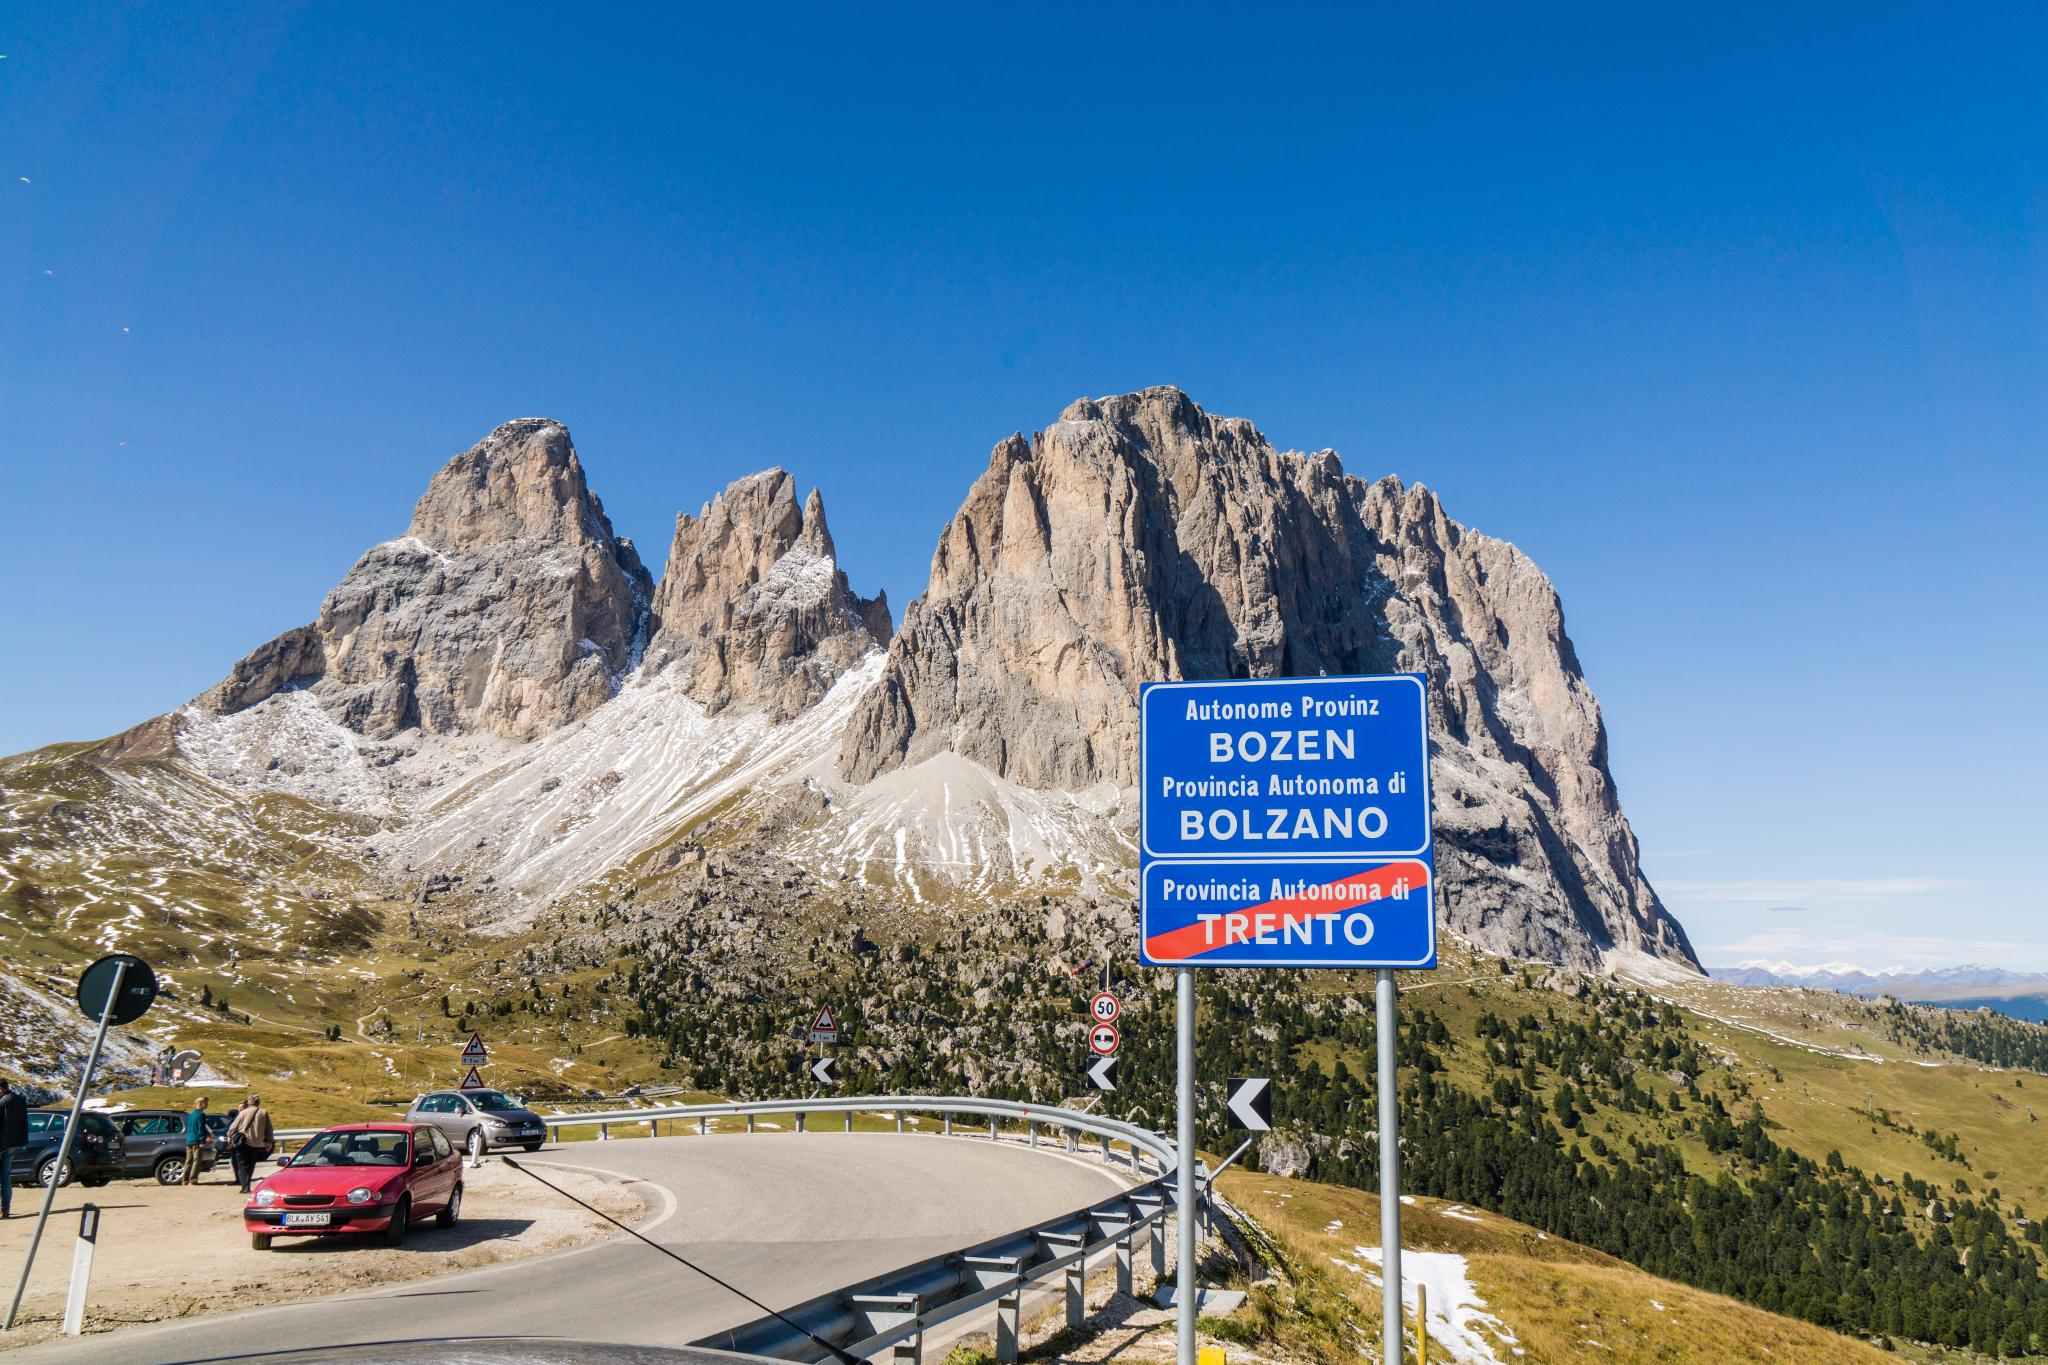 【義大利】健行在阿爾卑斯的絕美秘境:多洛米提山脈 (The Dolomites) 行程規劃全攻略 7